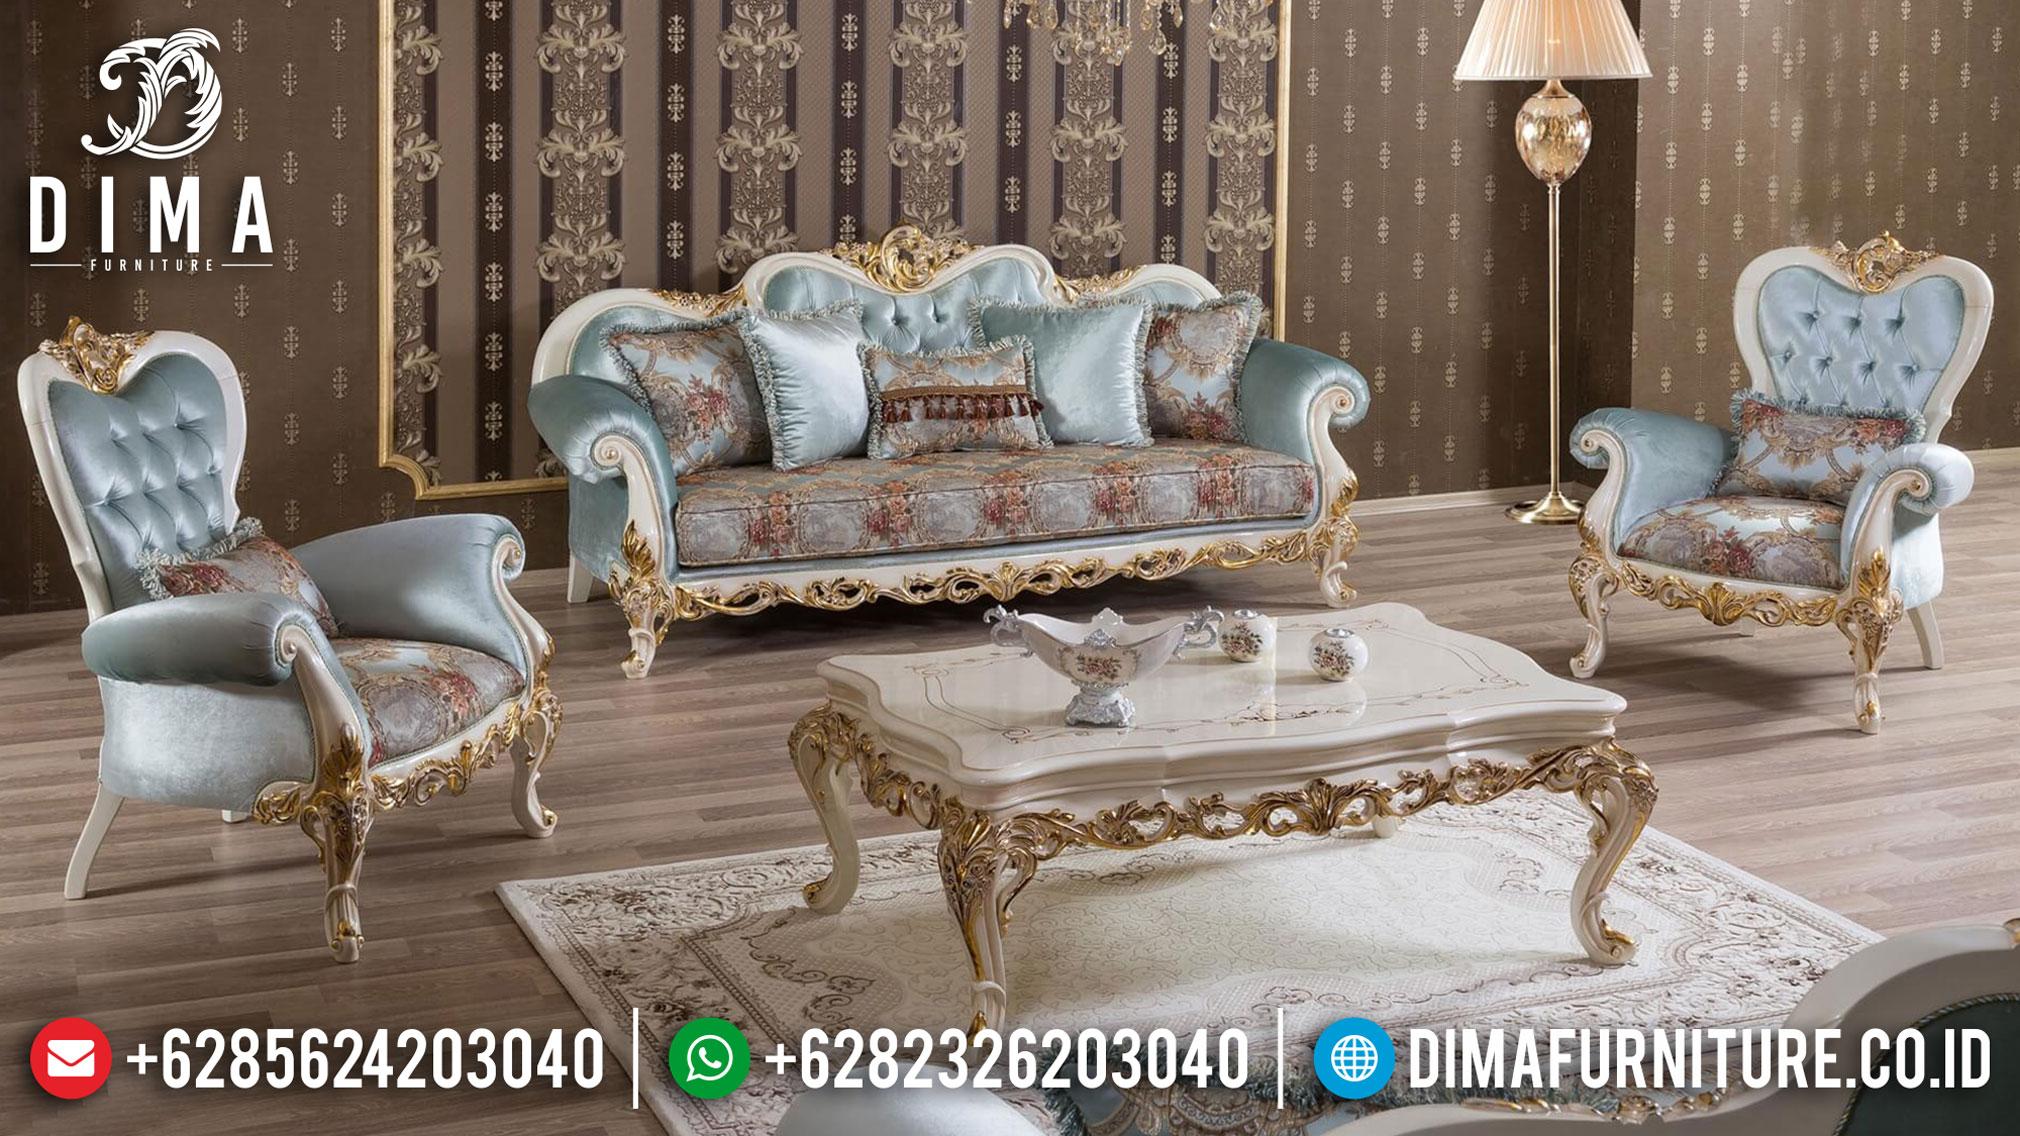 Best Sale Sofa Tamu Jepara Design Turkish Koltuk Living Room Luxury TTJ-1065